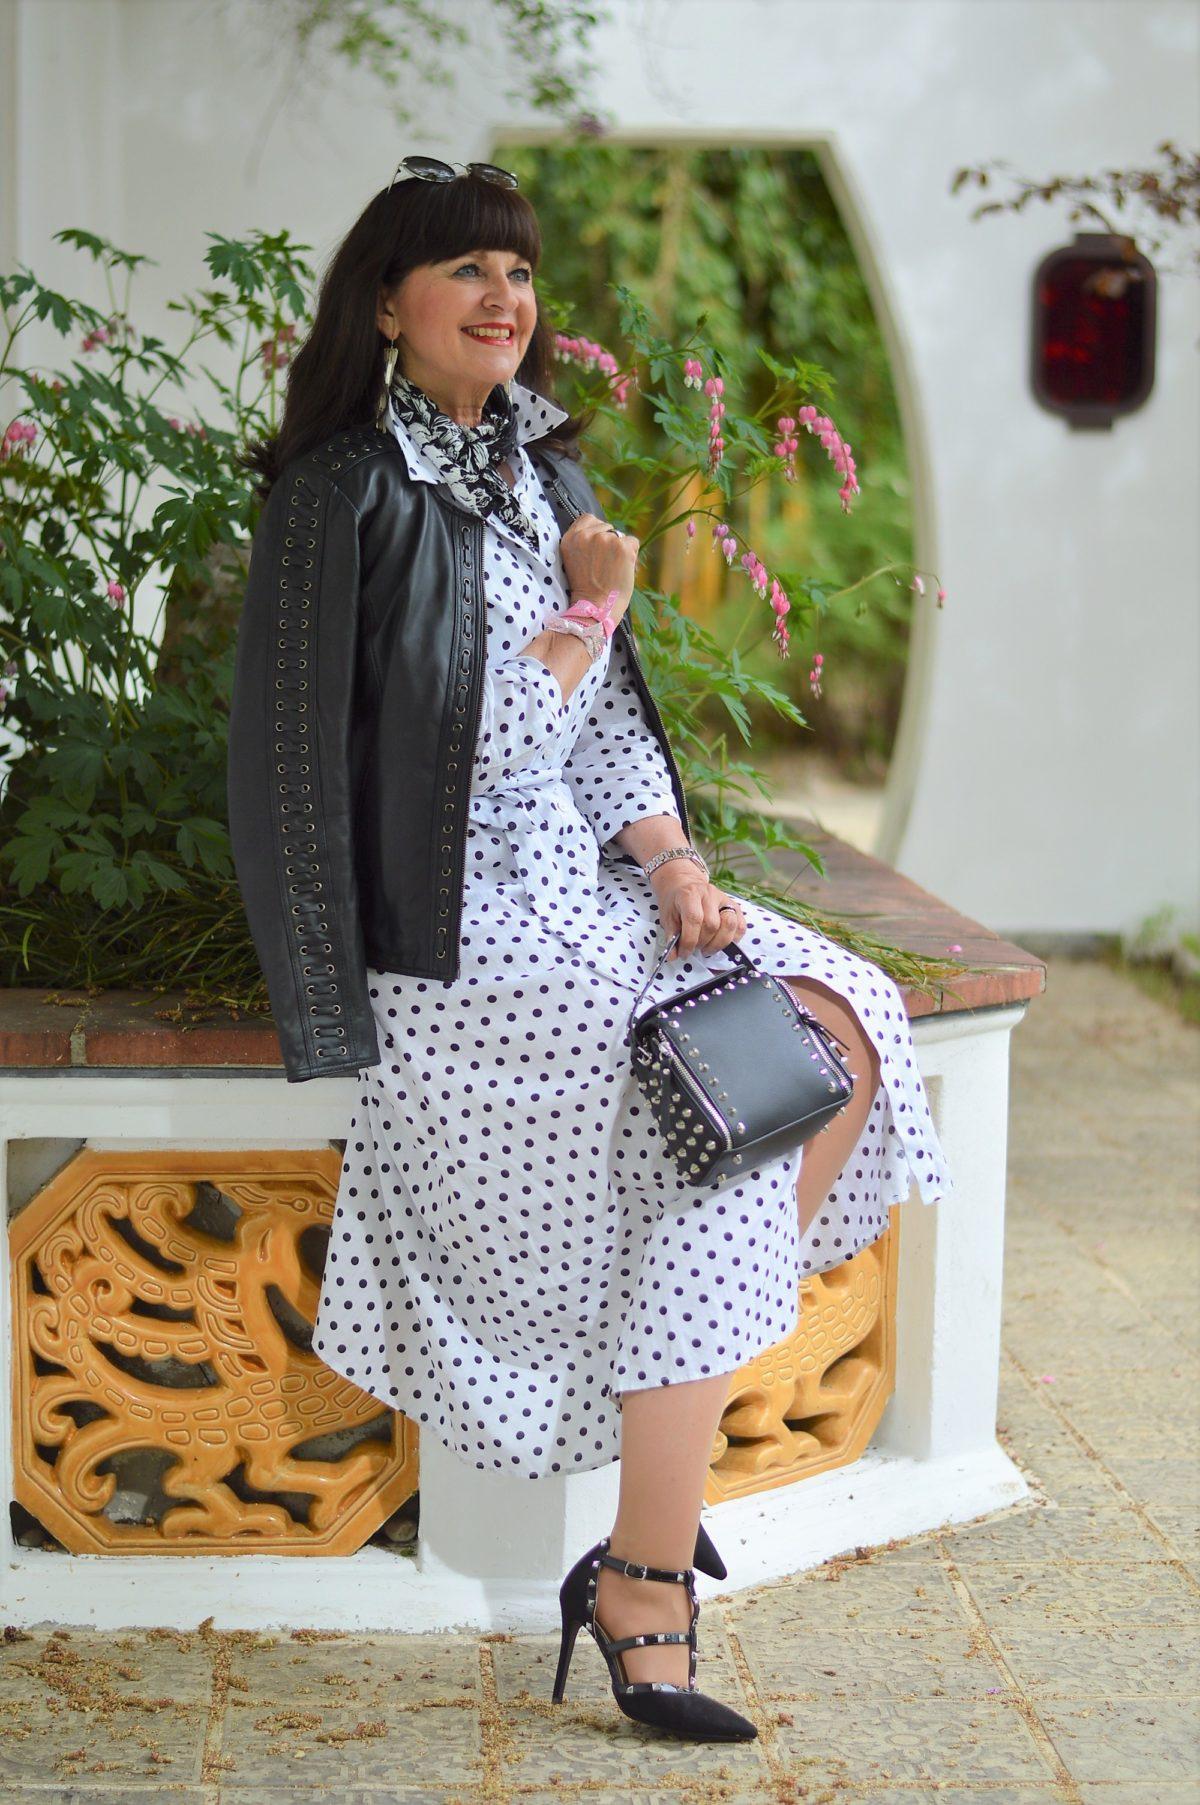 Hemdblusenkleid Mit Polka Dots  4 Styling Tipps Auf Den